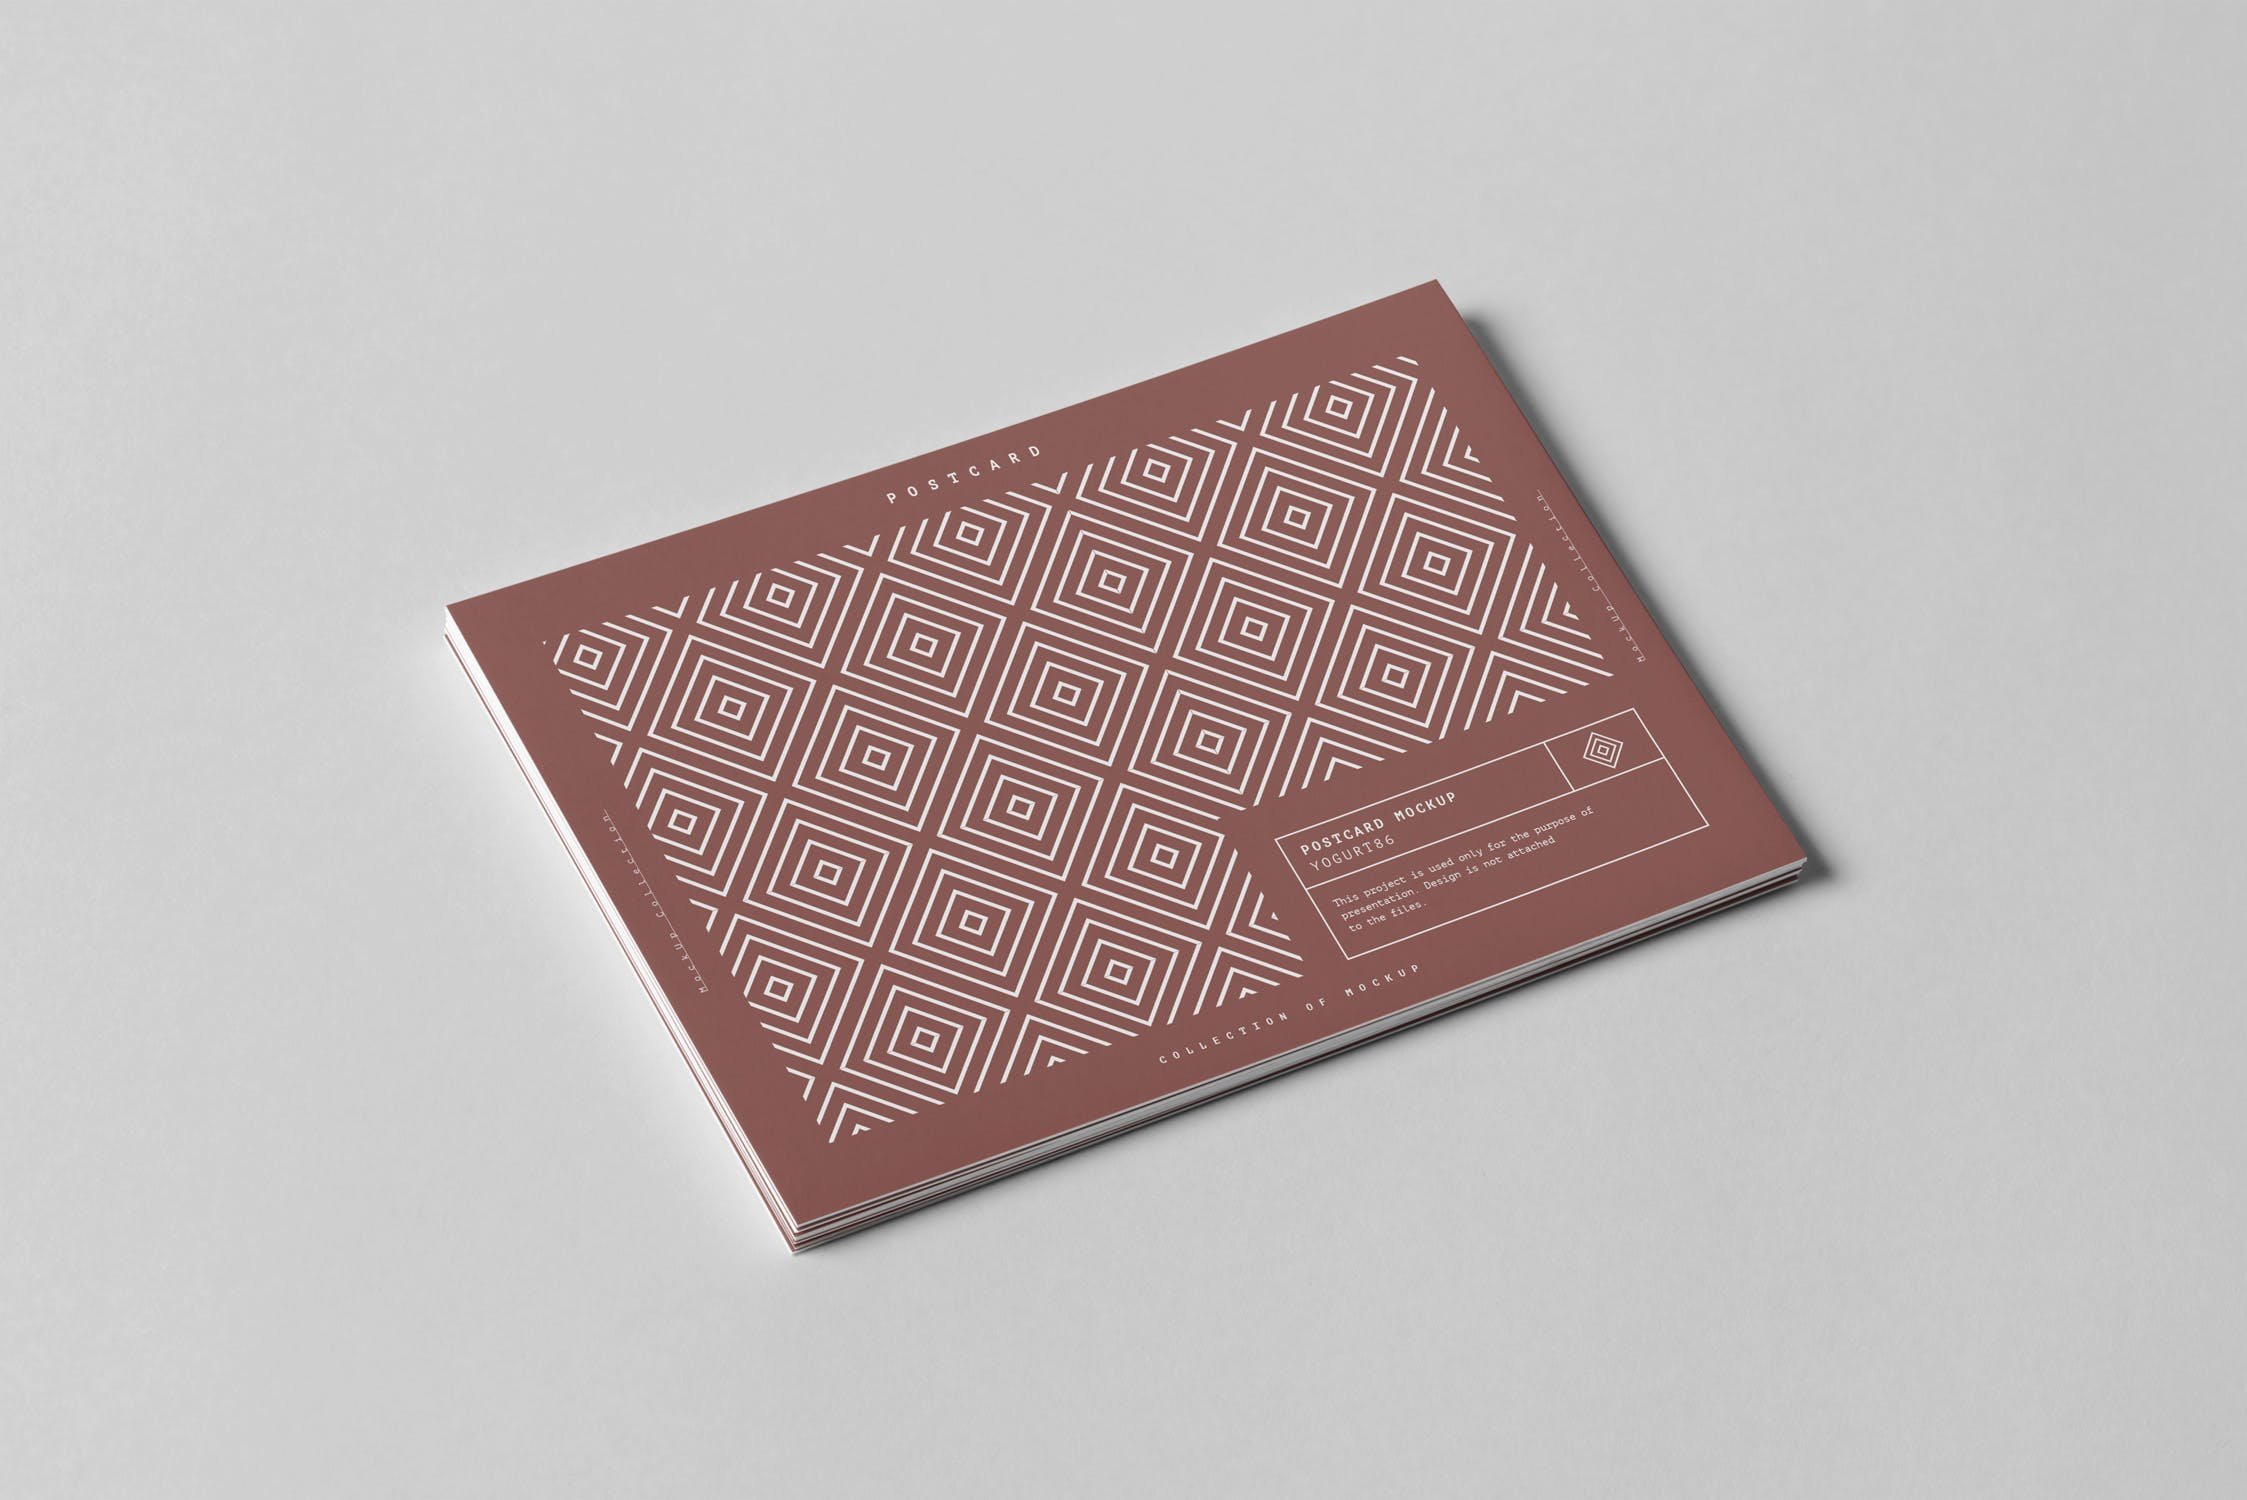 精致名片样机素材模板展示素材下载Postcard Mock-up